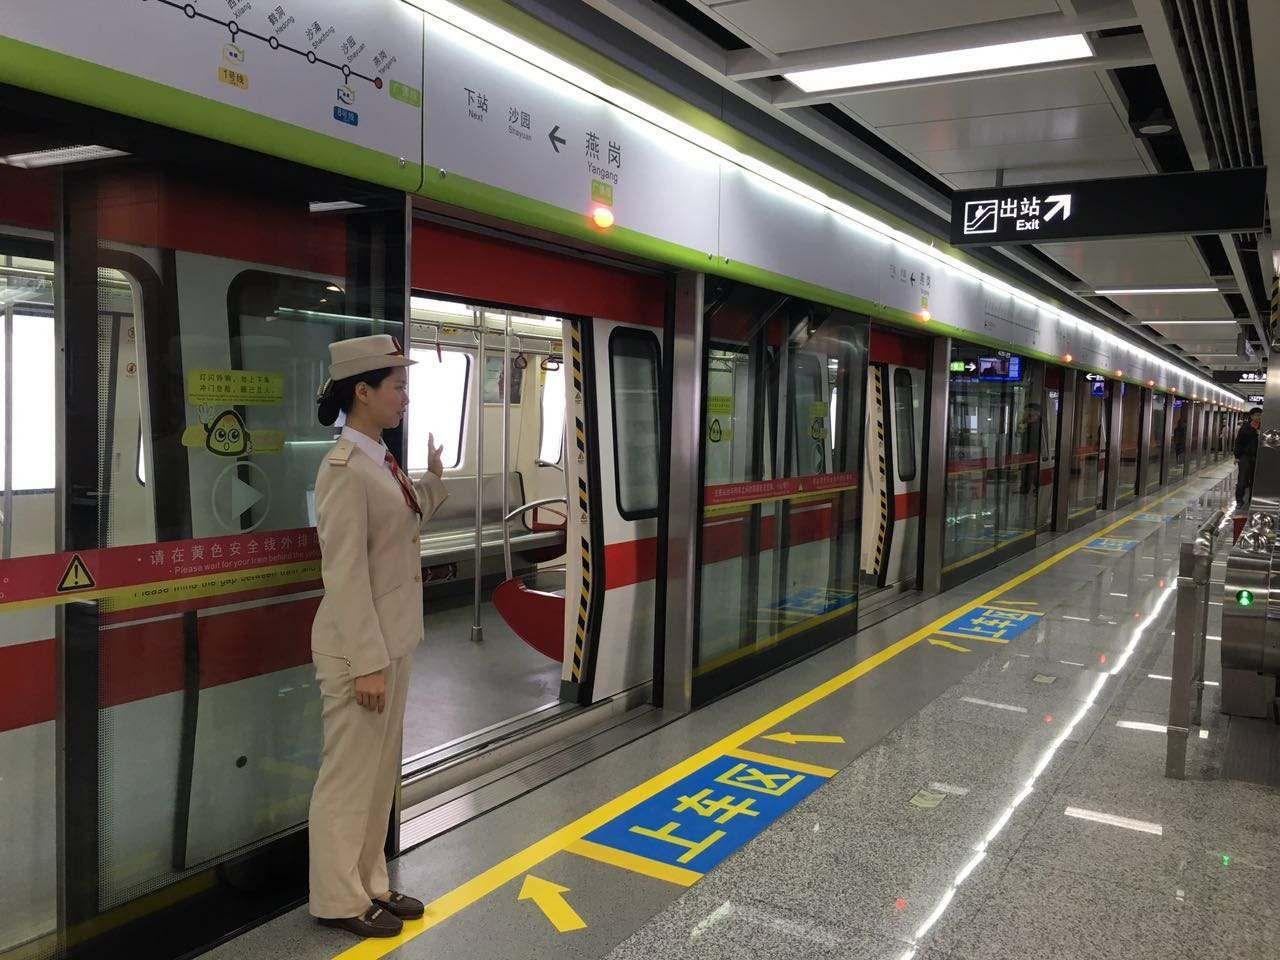 广州地铁7号线西延顺德段筹建地铁停车场